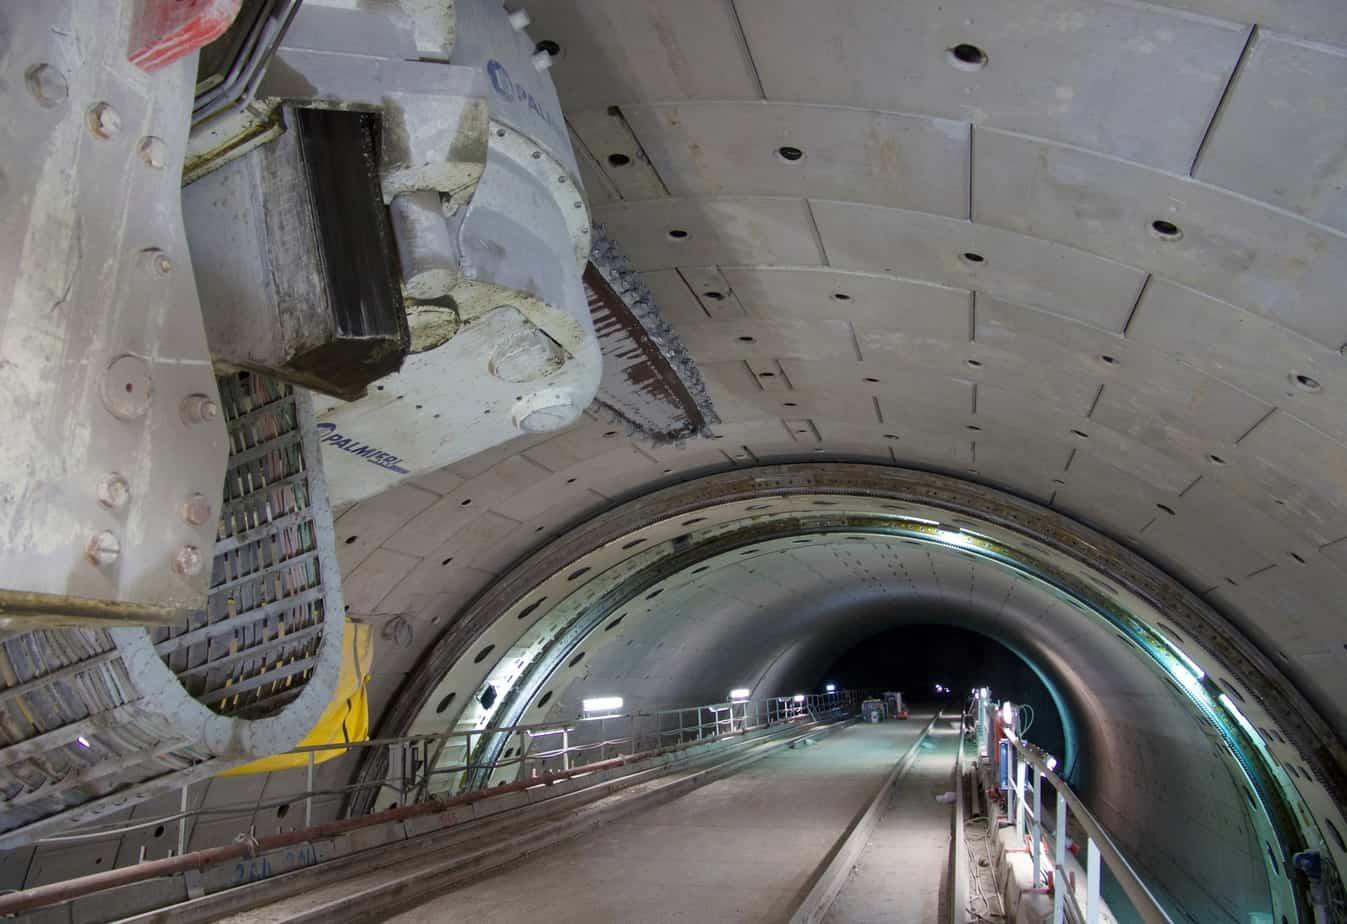 La galleria Montedomini: a due fornici adiacenti di lunghezza circa 280 m per carreggiata, è ubicata lungo la A14 Bologna-Taranto nei pressi di Ancona